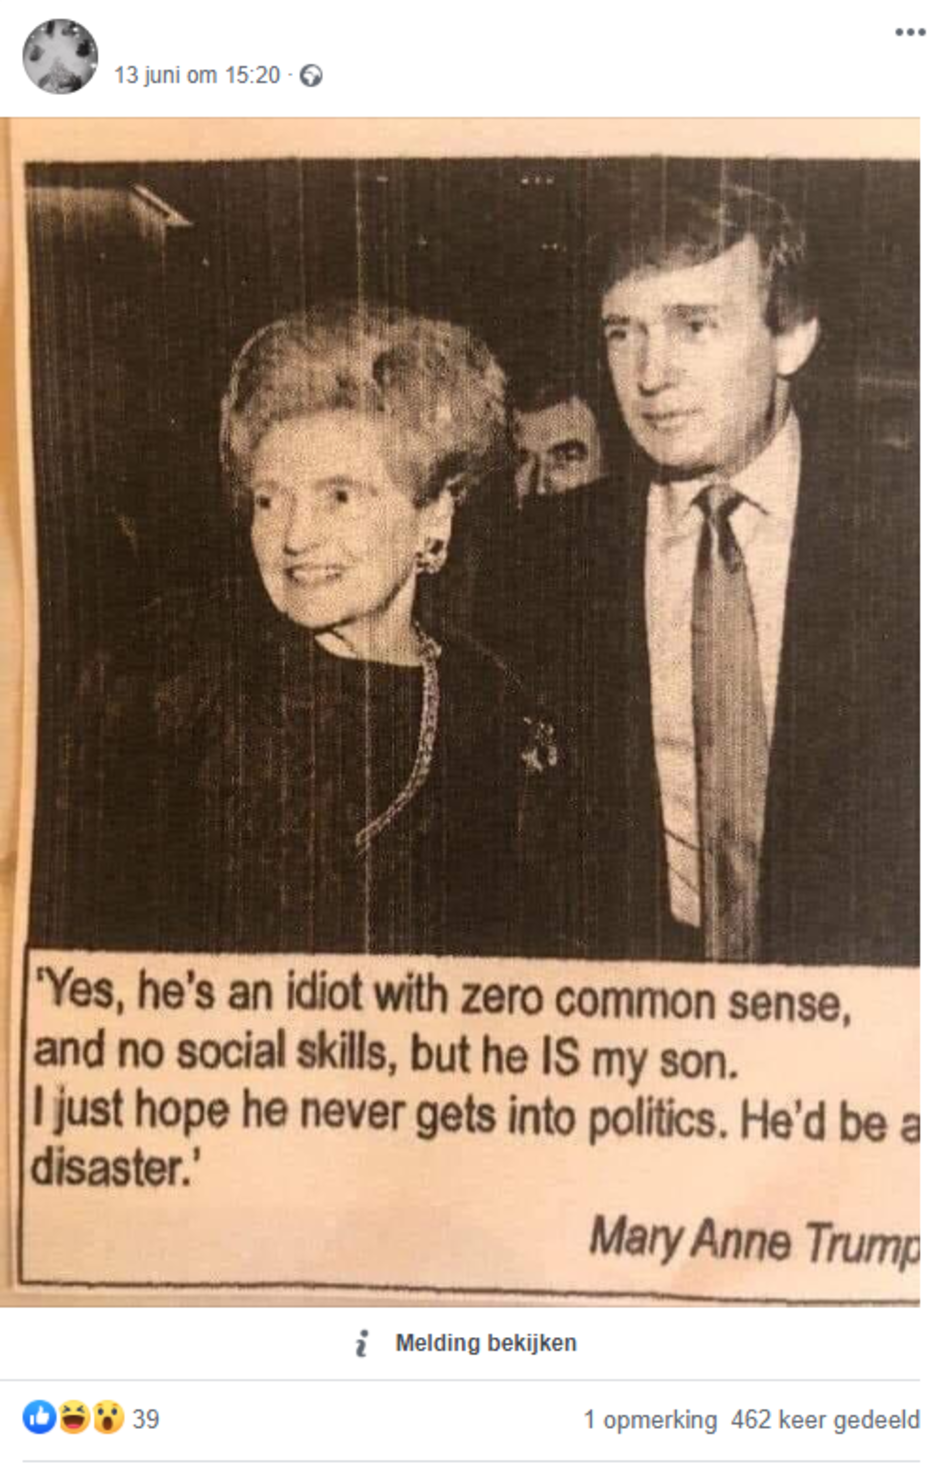 Factcheck: Nee, moeder van Donald Trump noemde hem geen 'idioot'